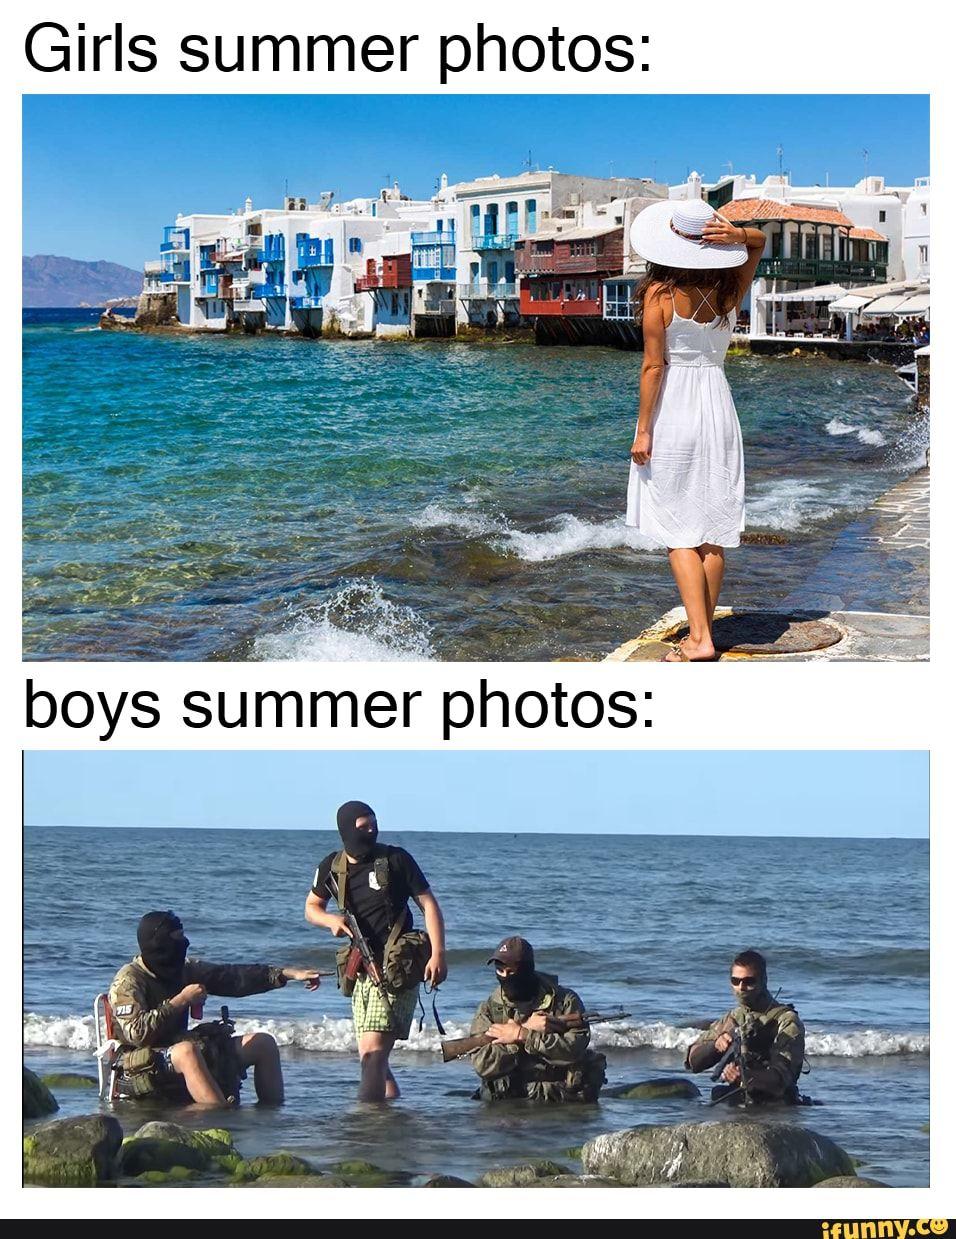 Girls Summer Photos Ifunny Summer Girls Summer Photos Girl Memes [ 1239 x 956 Pixel ]